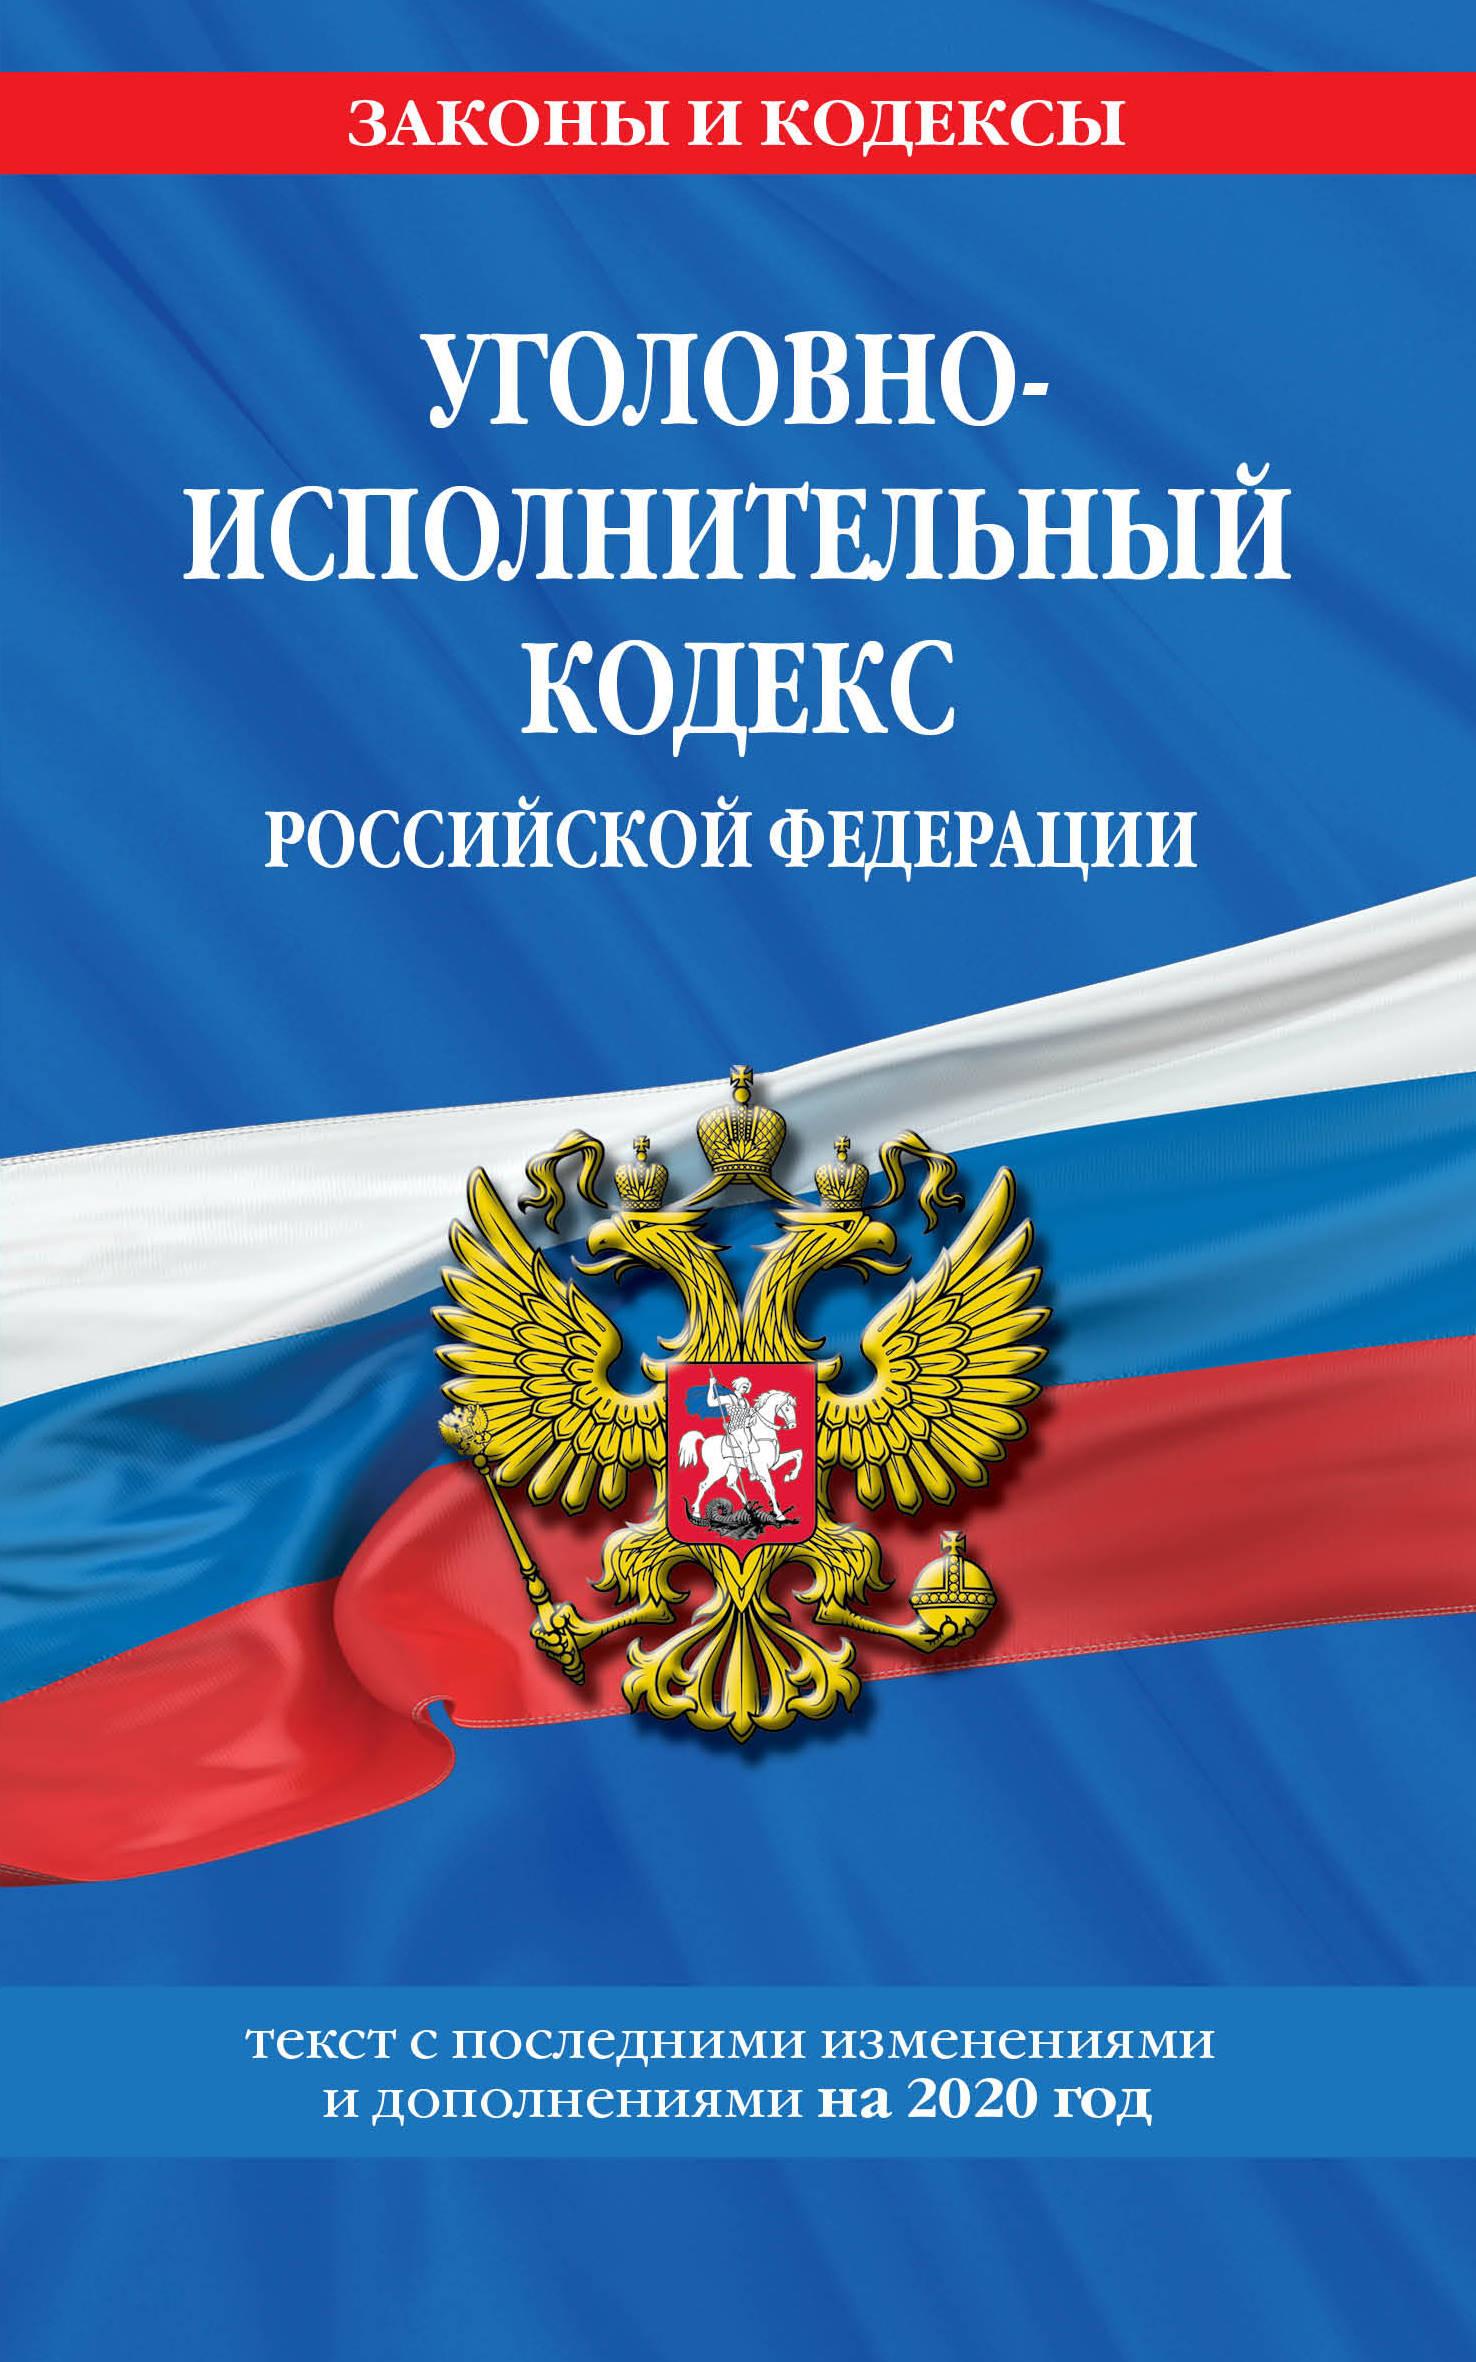 Ugolovno-ispolnitelnyj kodeks Rossijskoj Federatsii: tekst s izm. i dop. na 2020 god